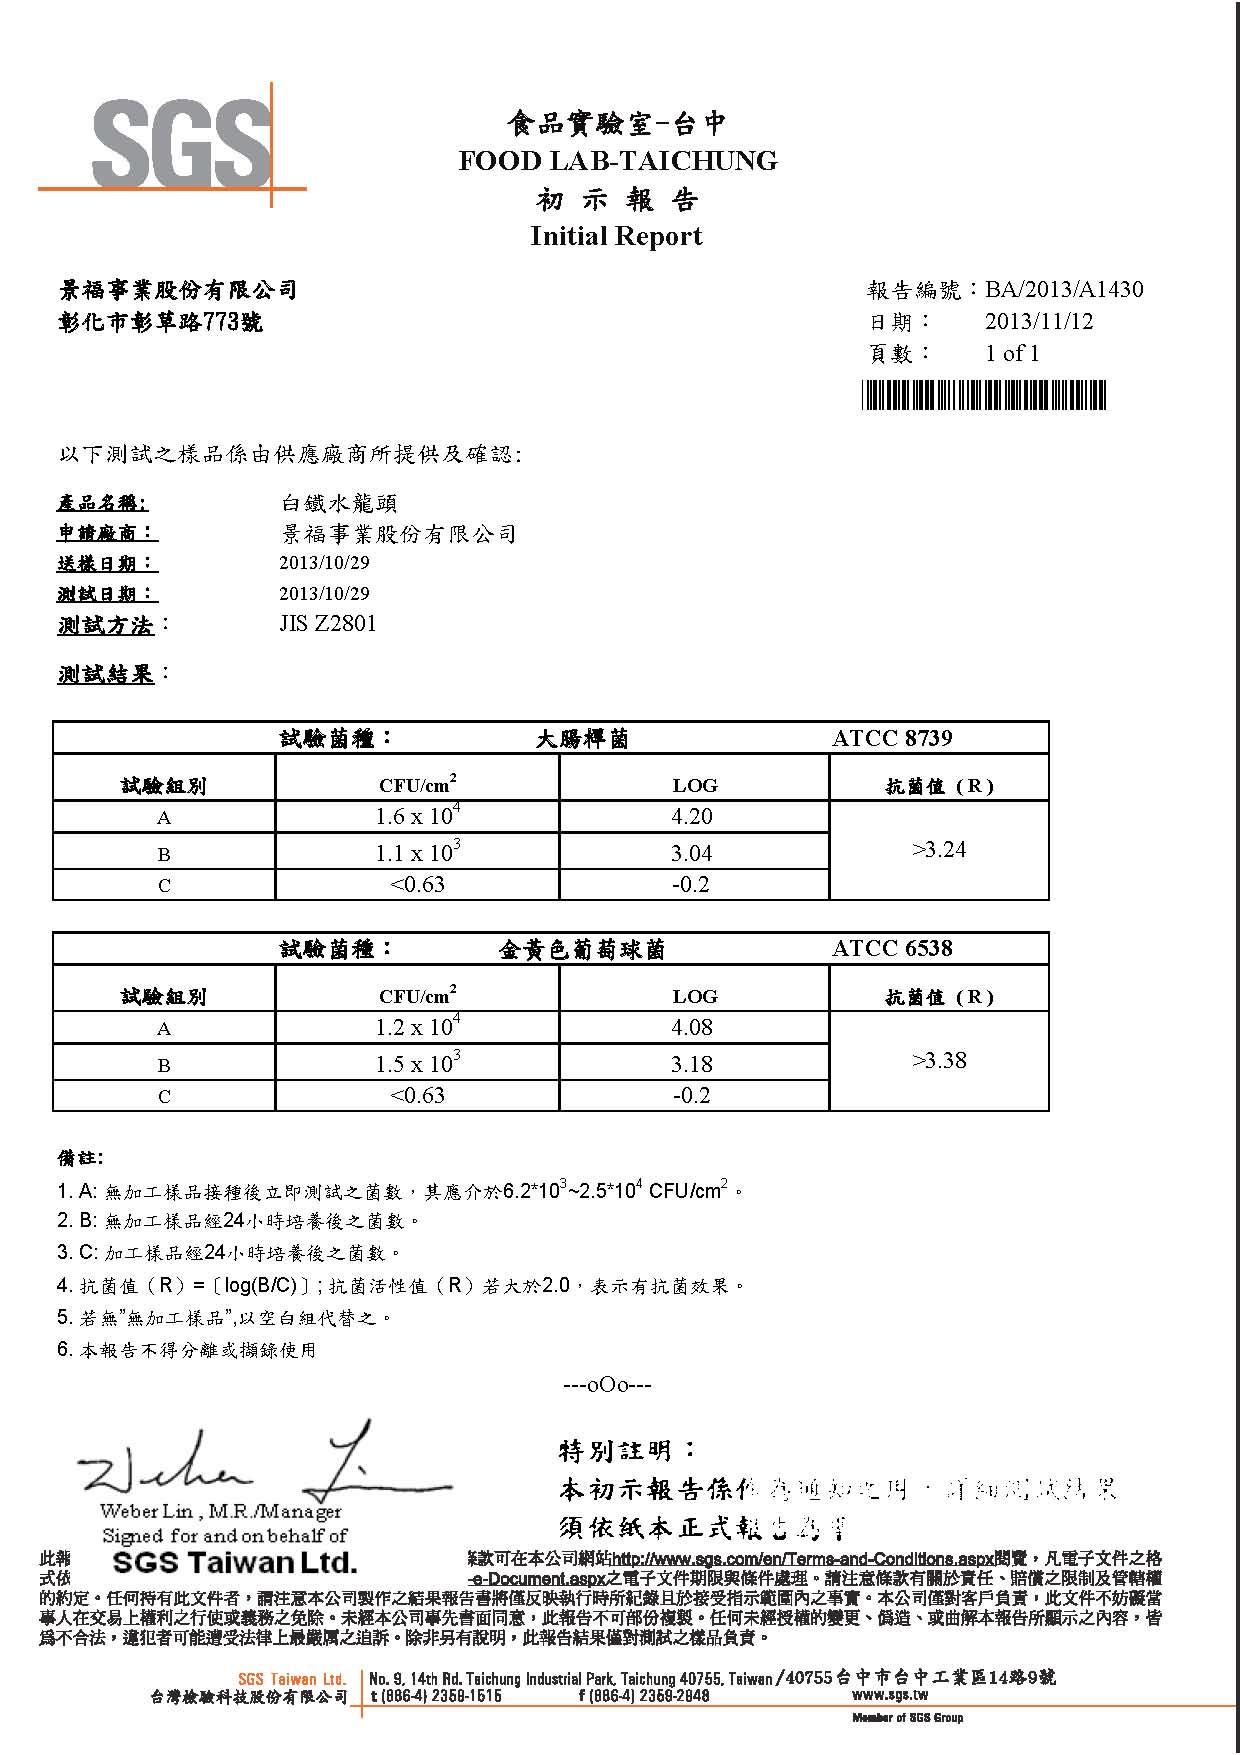 景福事業股份有限公司